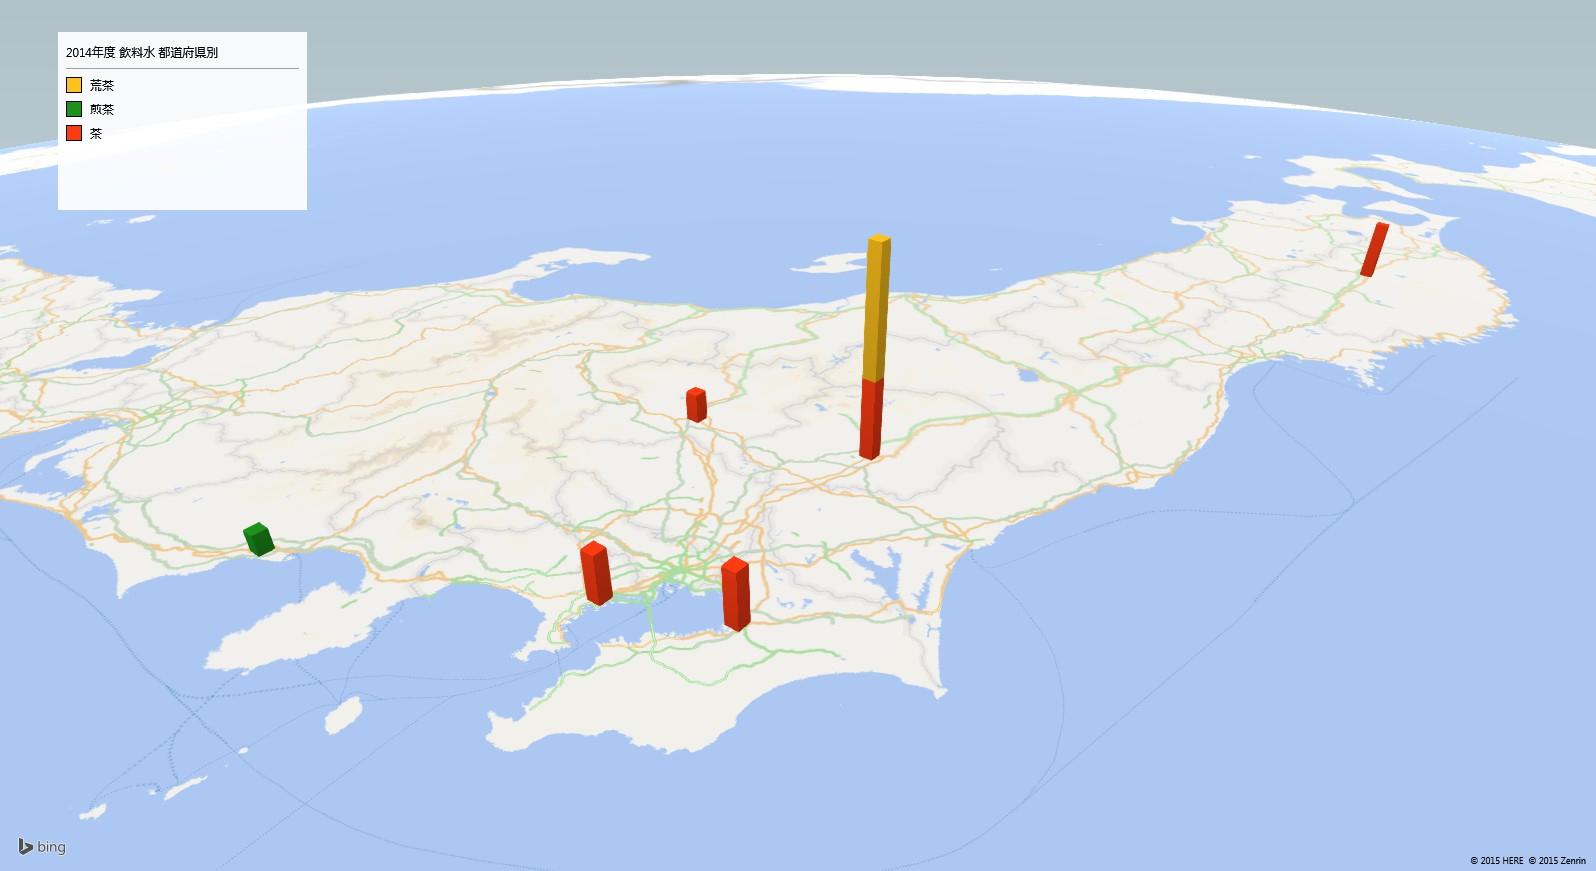 ペットボトルのお茶の放射能検査地図(都道府県別)